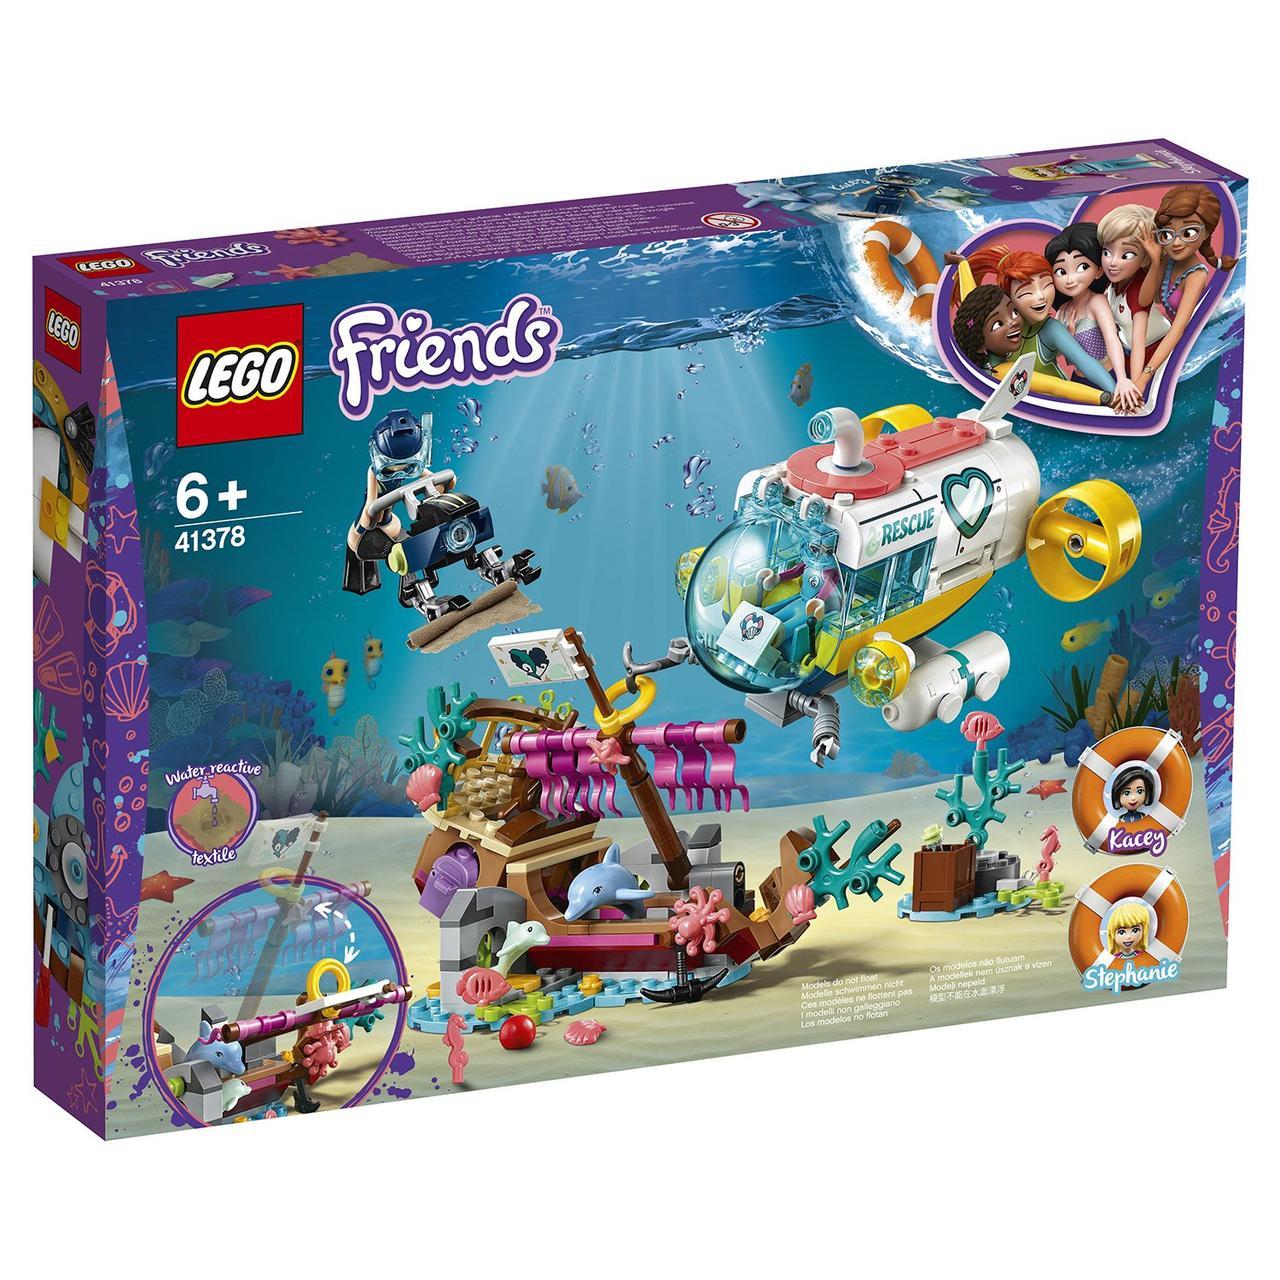 41378 Lego Friends Спасение дельфинов, Лего Подружки